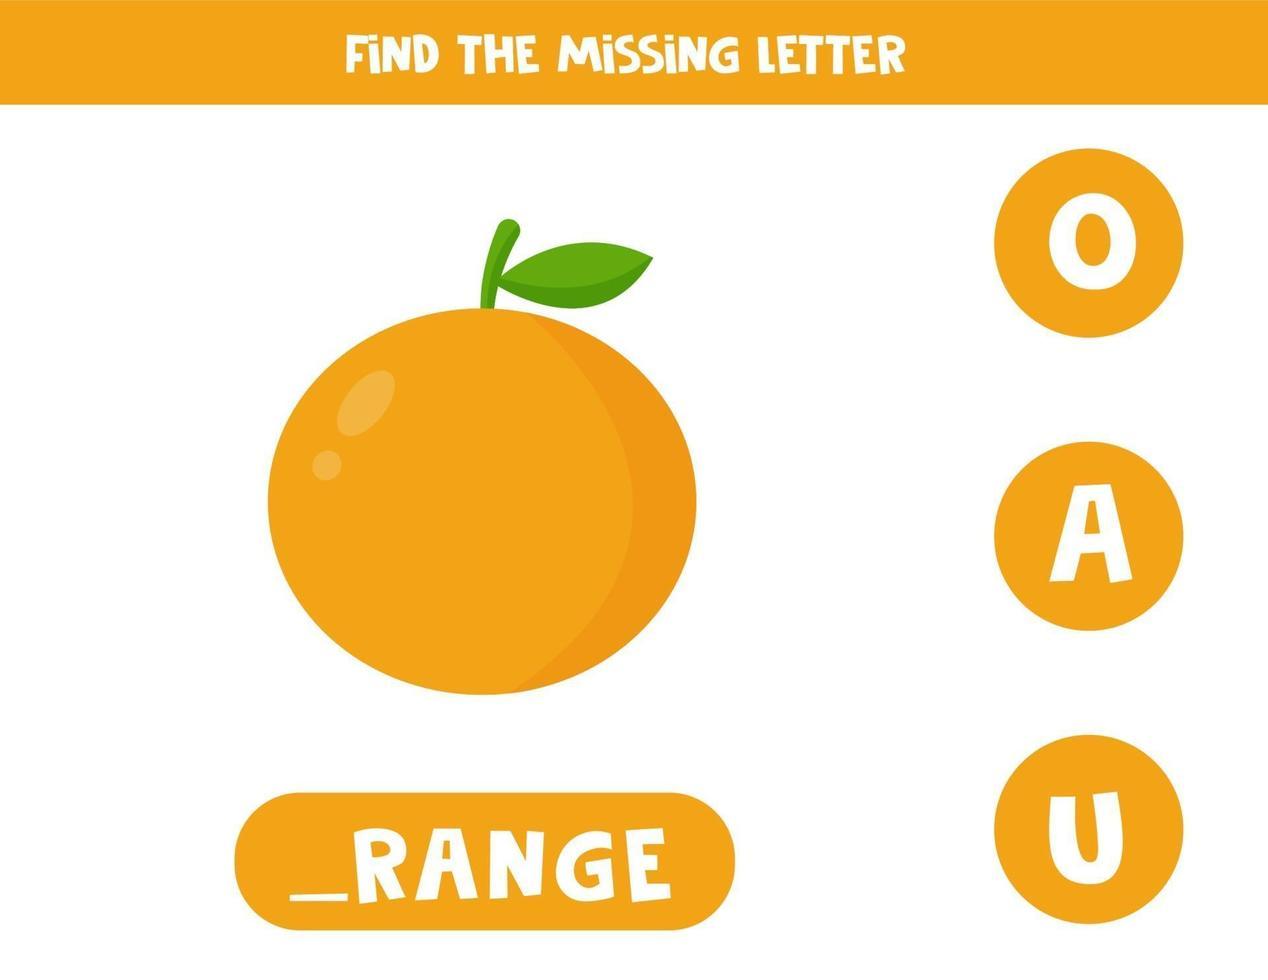 Finde den fehlenden Brief und schreibe ihn auf. niedliche Karikaturorangenfrucht. vektor